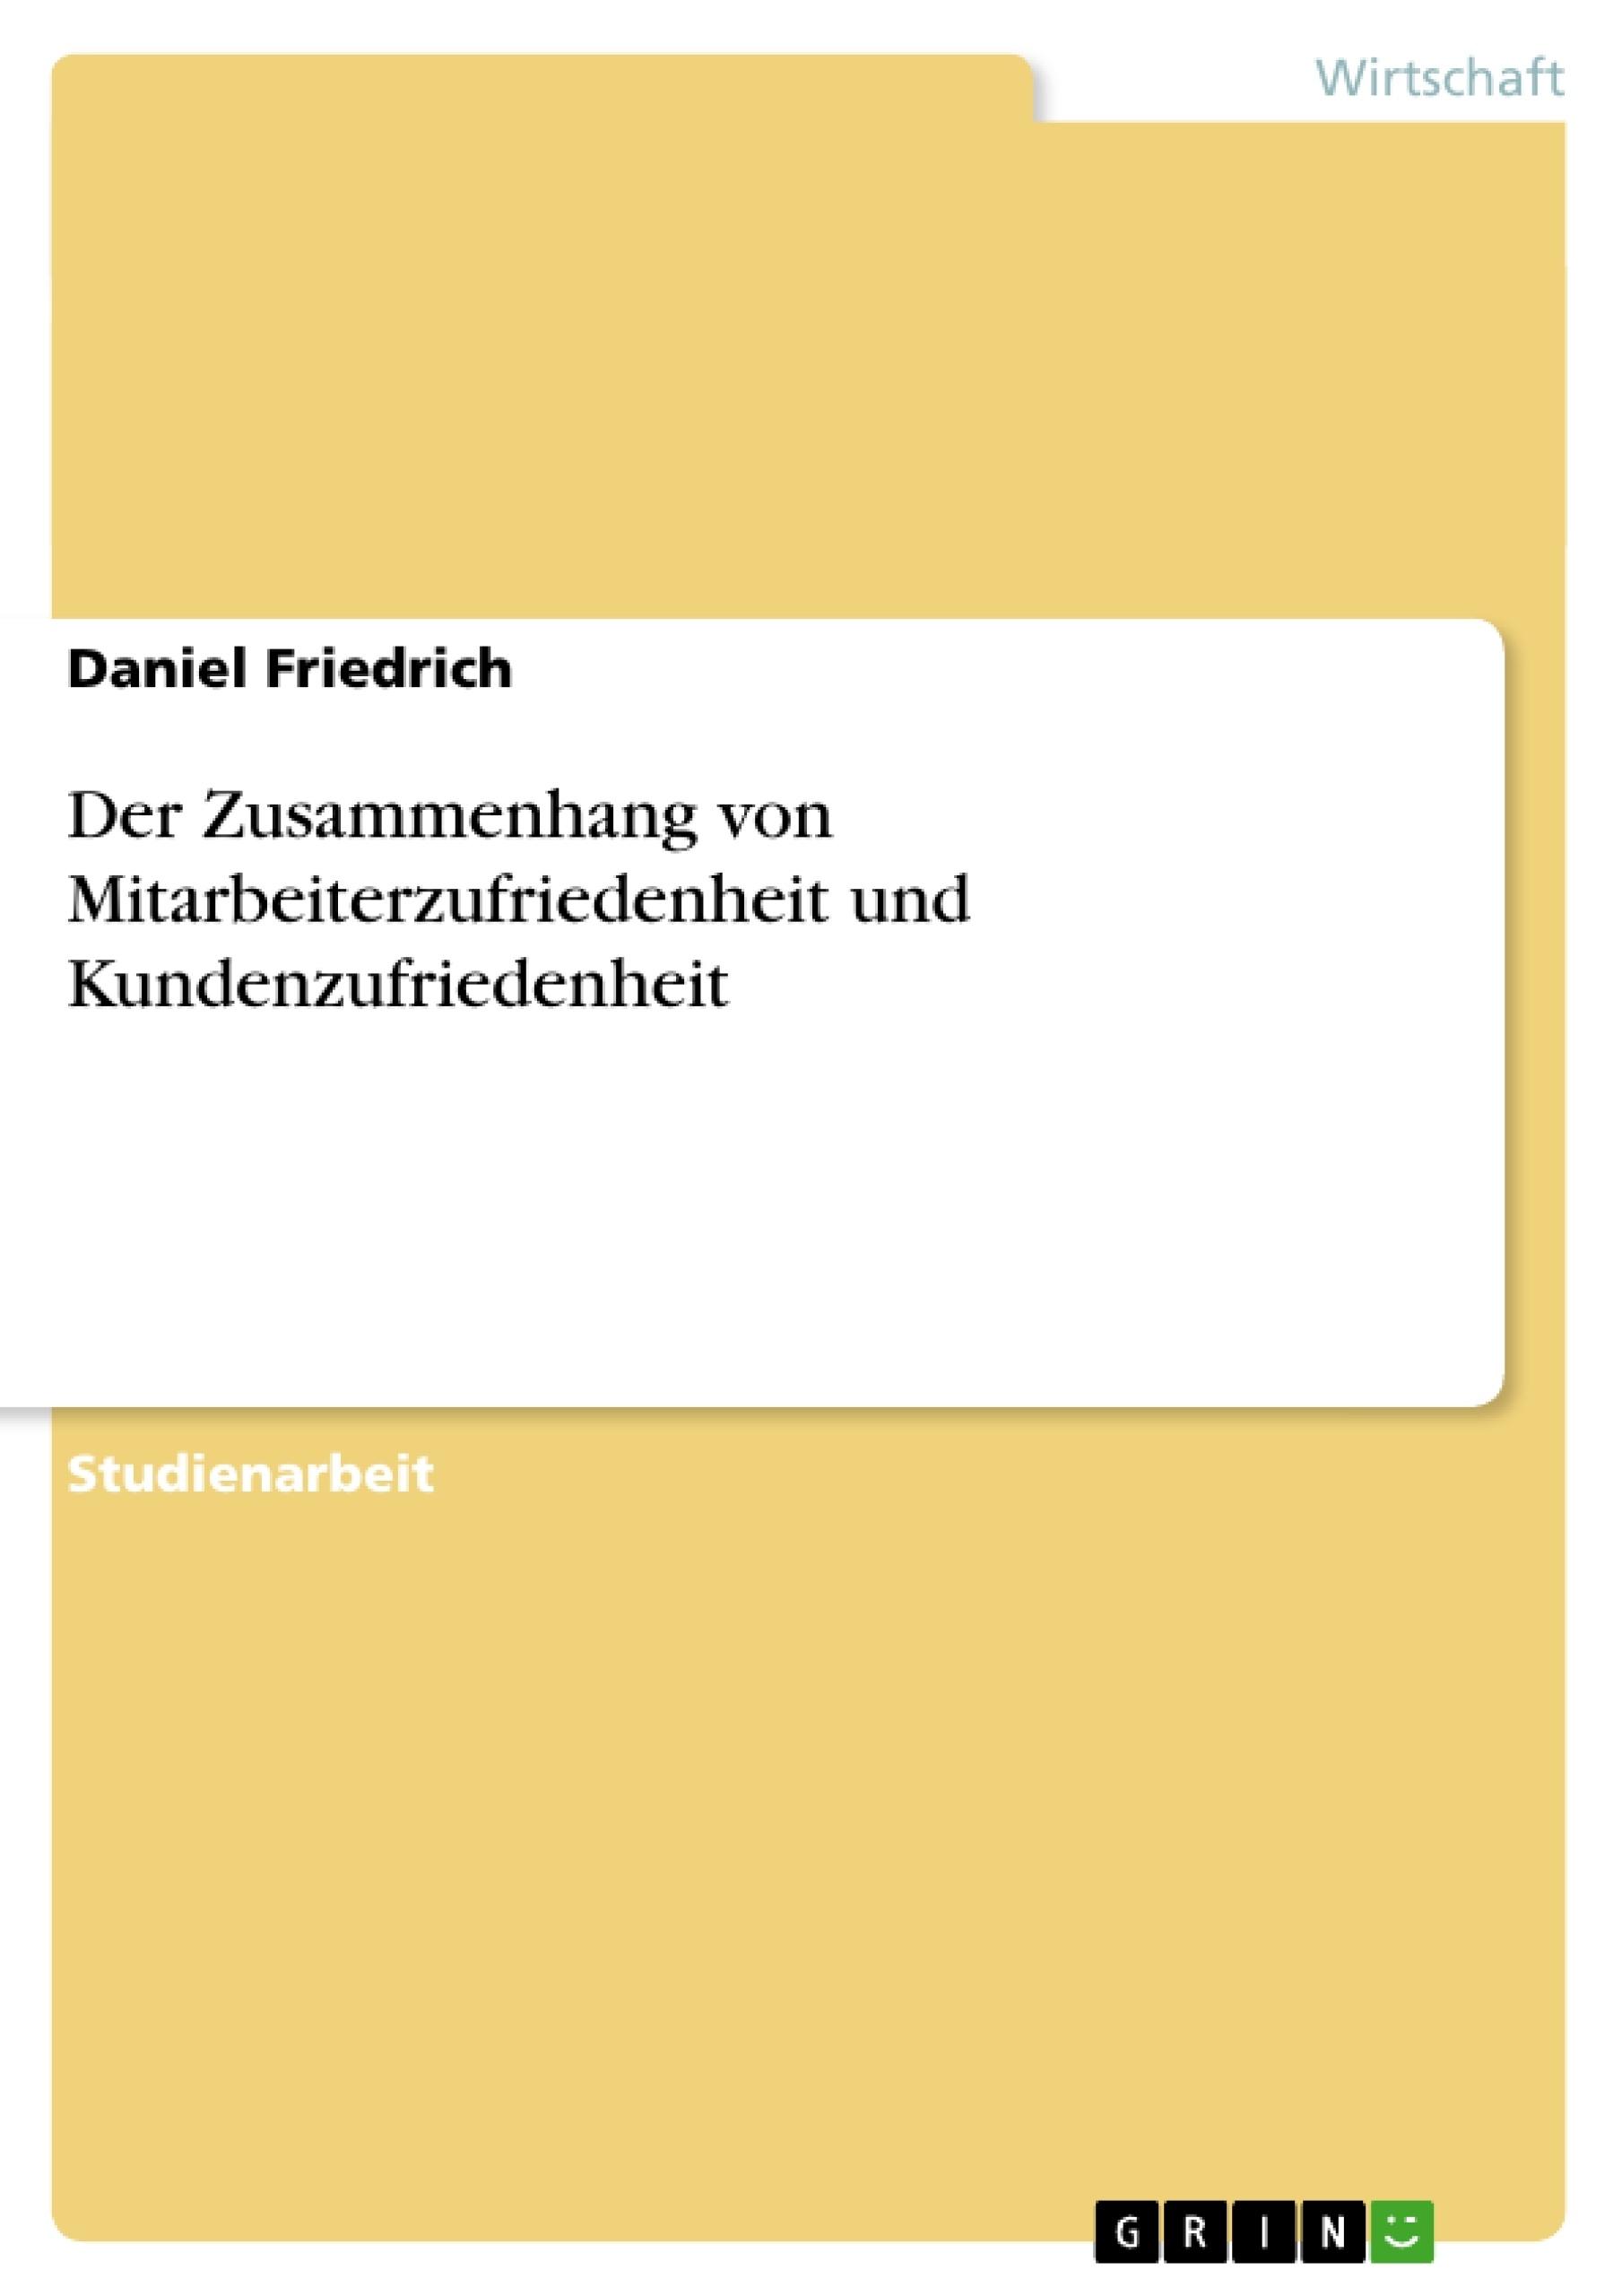 Titel: Der Zusammenhang von Mitarbeiterzufriedenheit und Kundenzufriedenheit